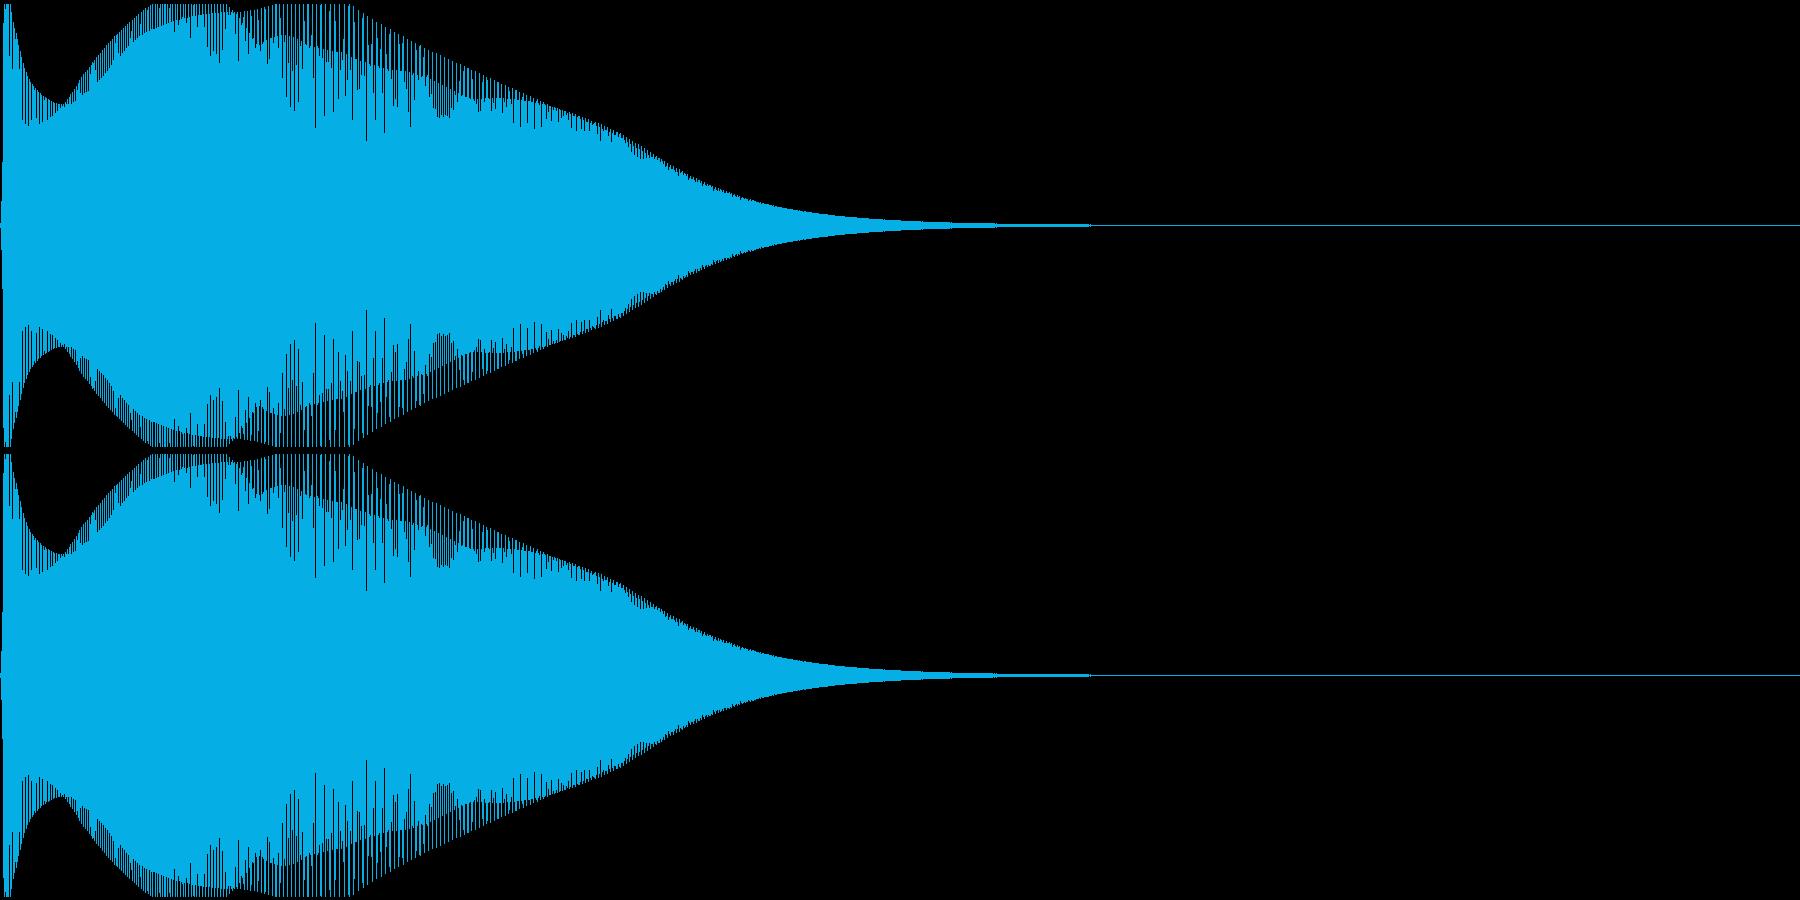 ポウン(バウンド・はねてるような音)の再生済みの波形